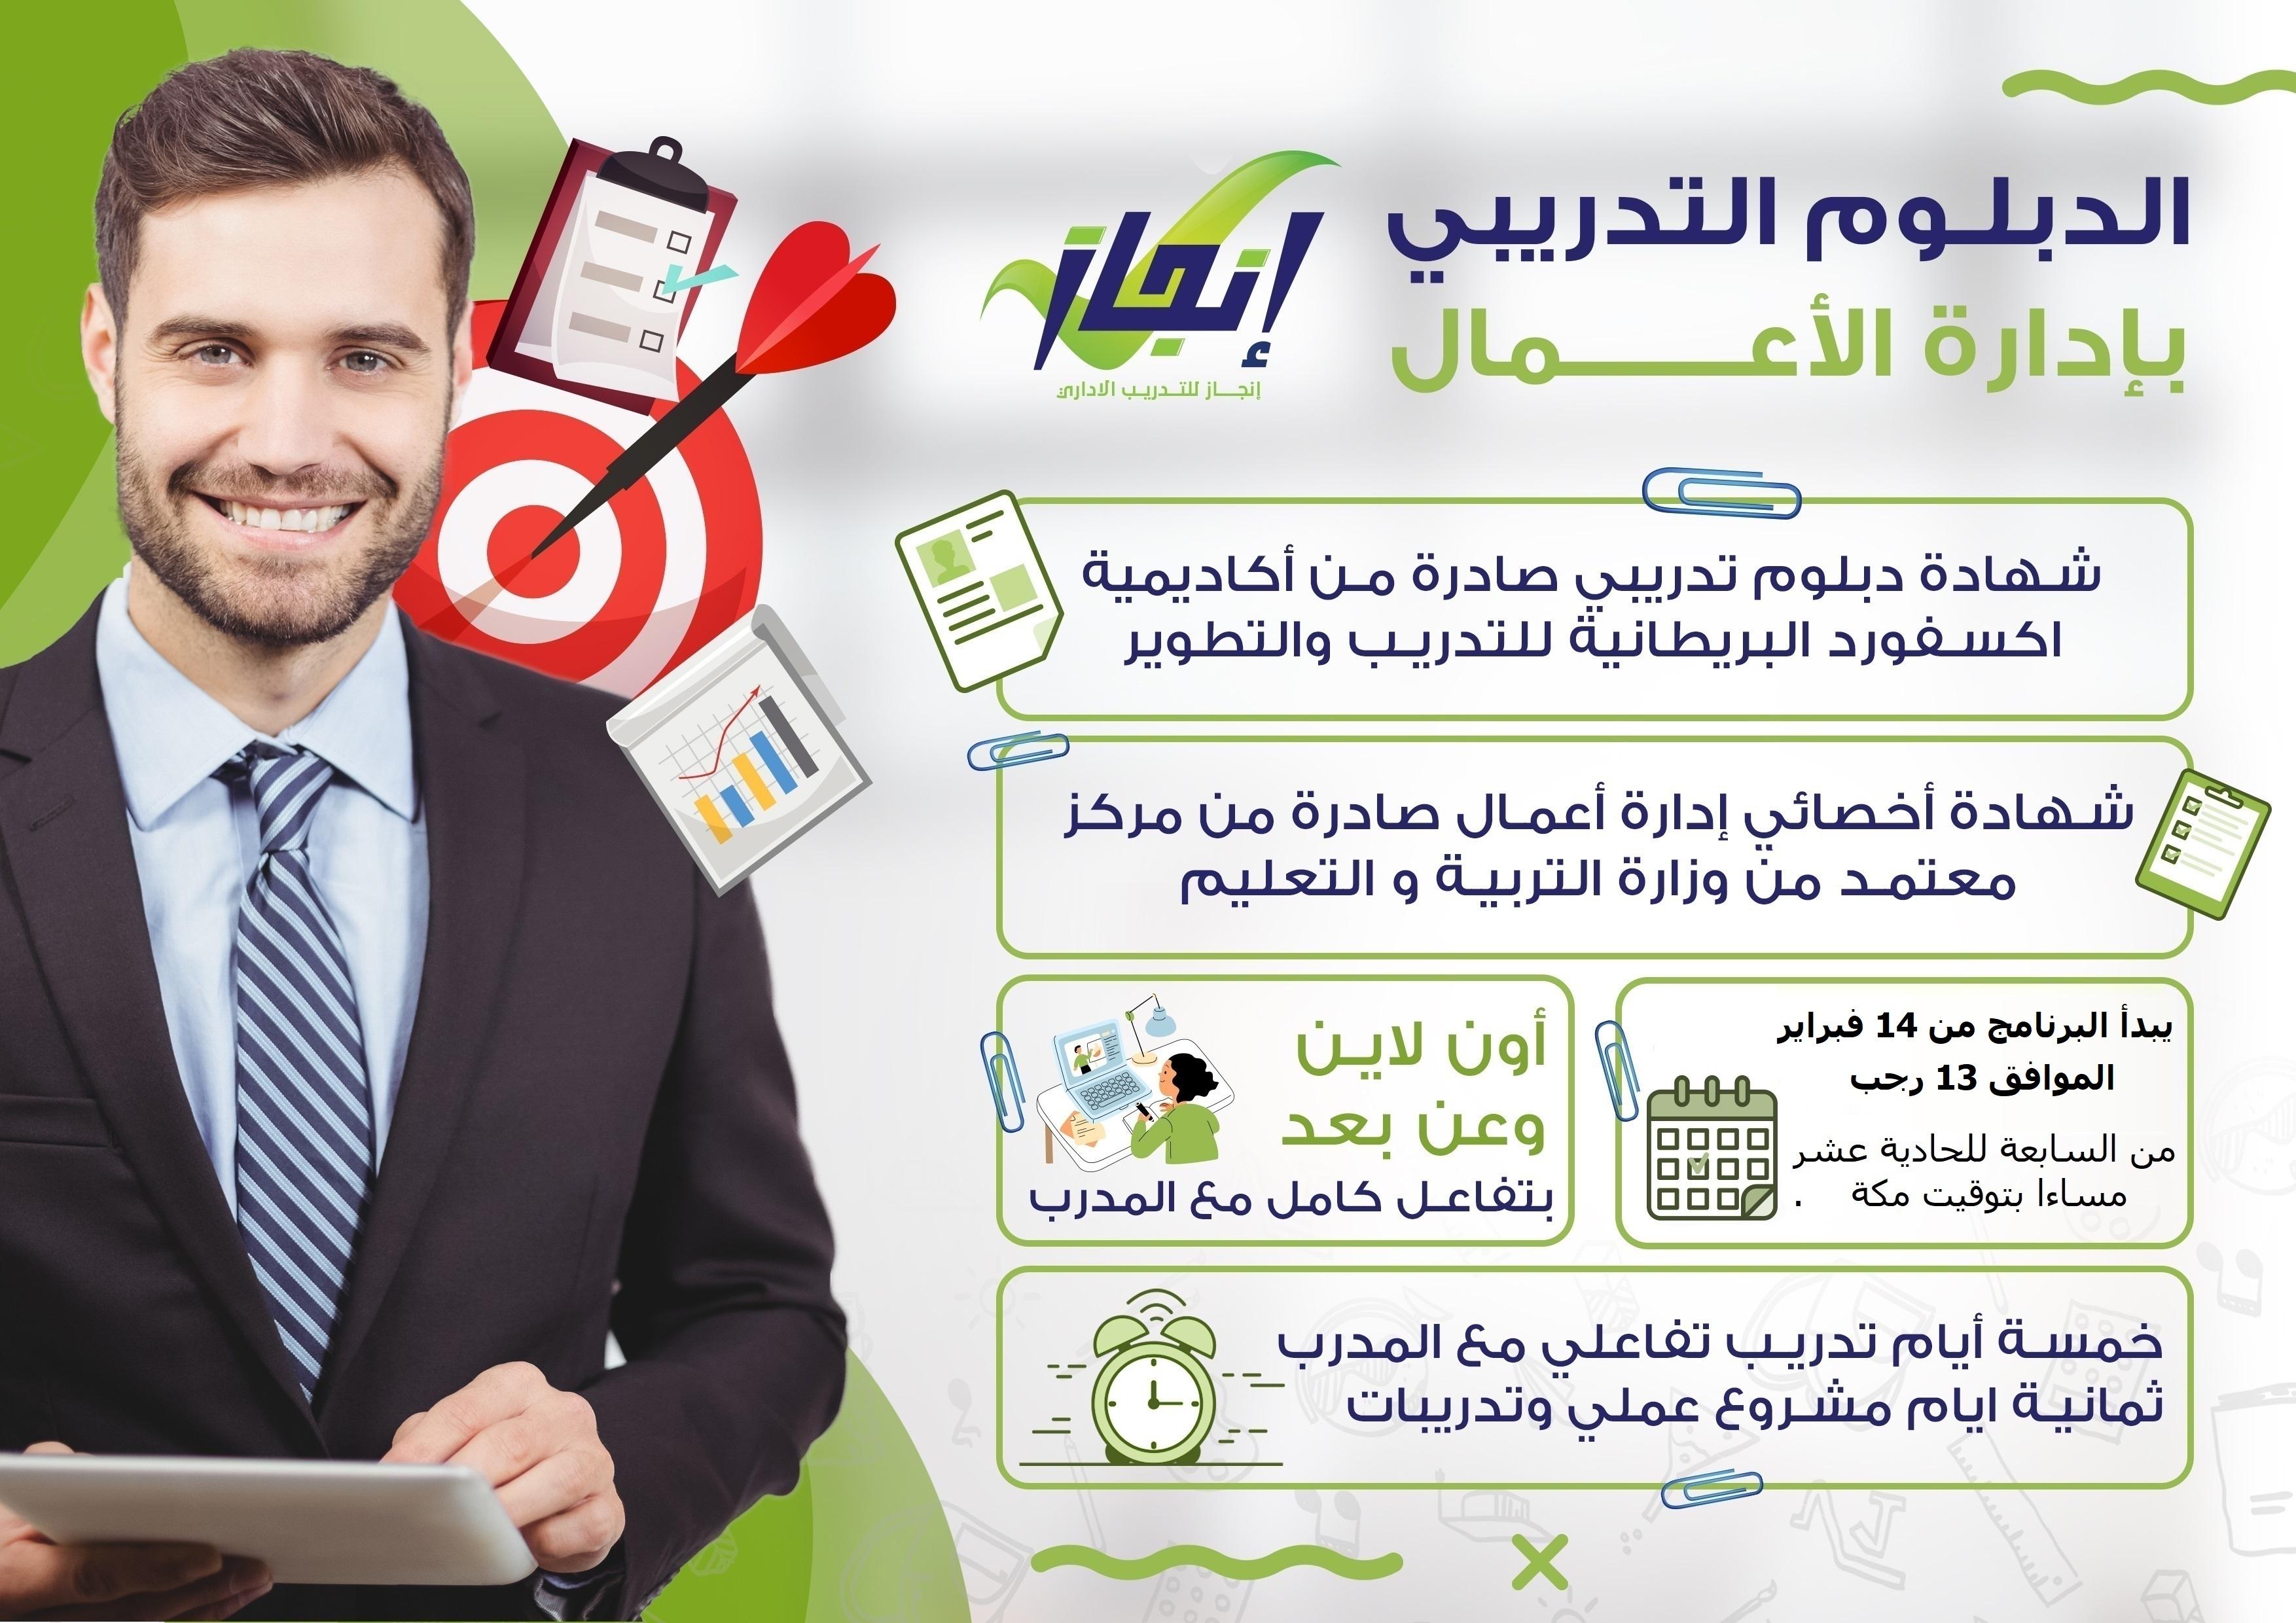 الدبلوم التدريبي بإدارة الأعمال